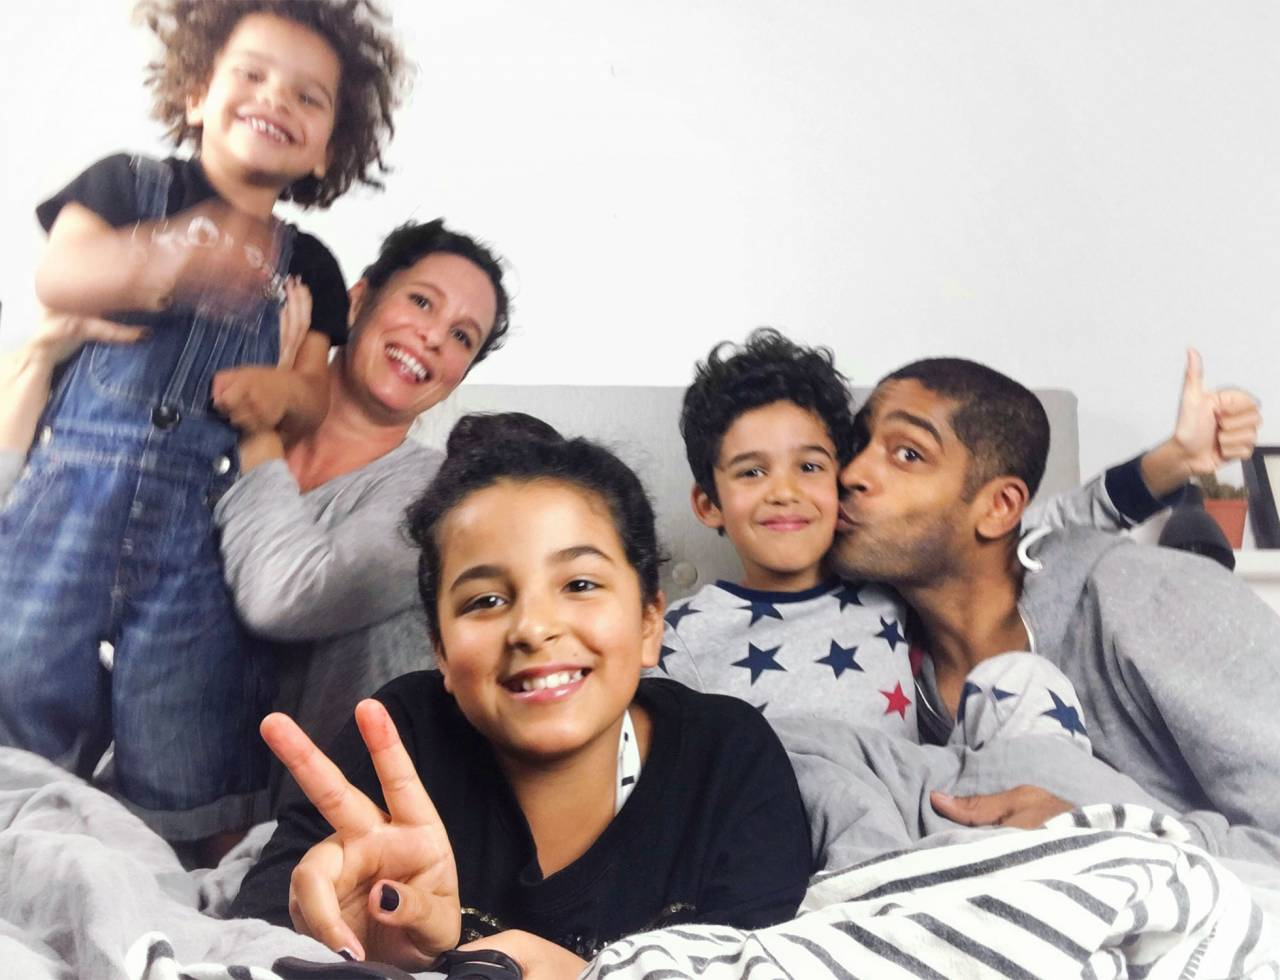 Hela familjen Karim samlad i en säng: Malin och Alexander Karim med barnen Louie, 4, Alba, 11, och Elias, 10.